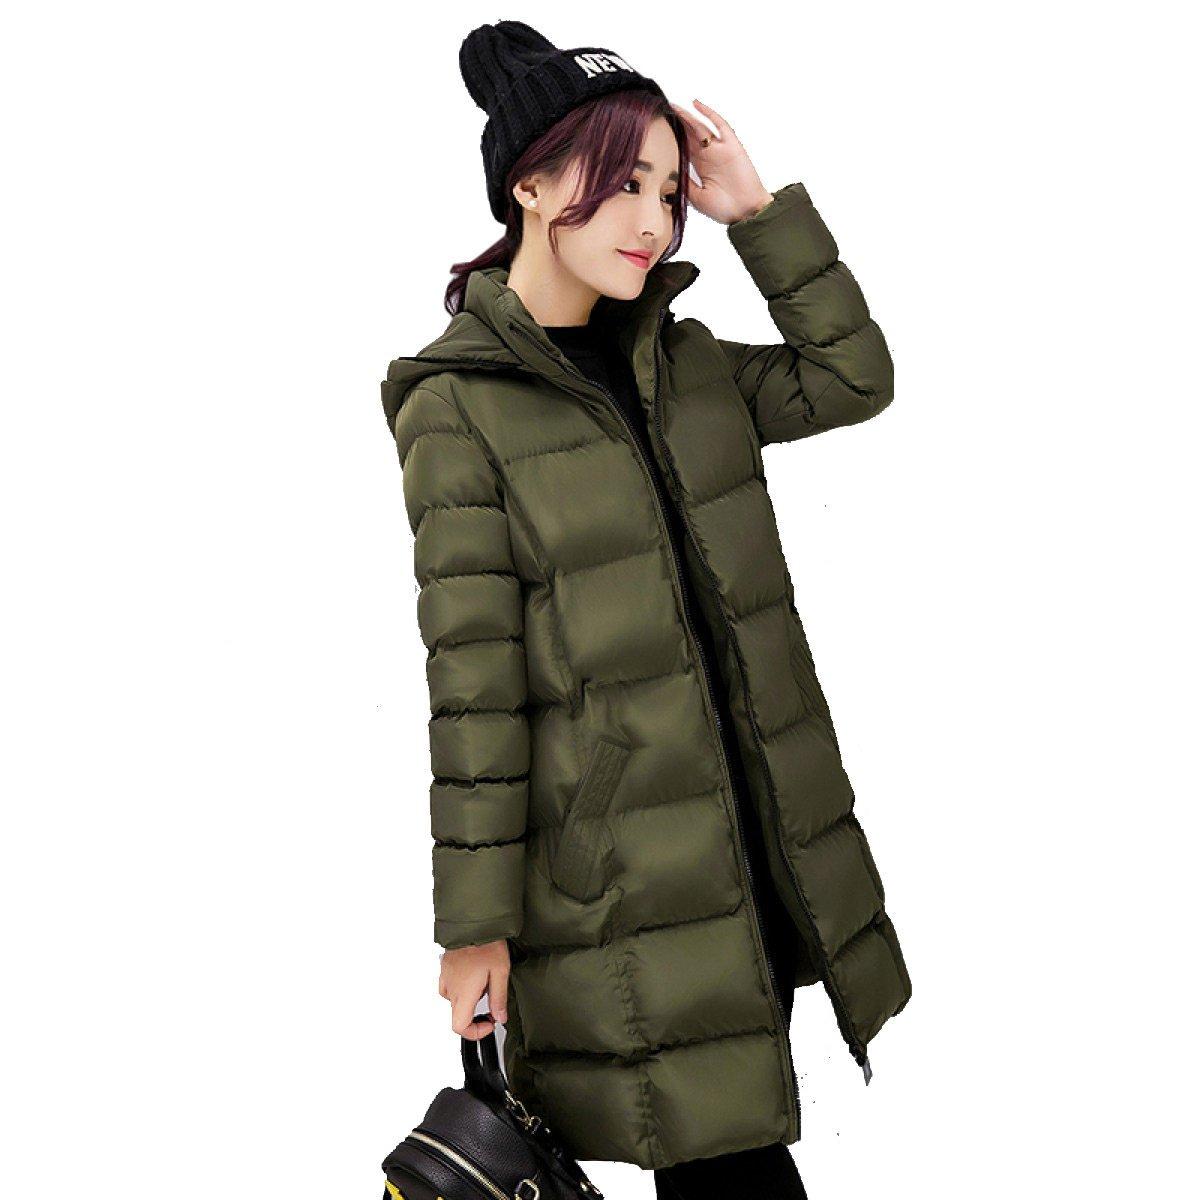 B X-grand nihiug Plume Coton Femelle Moyen Long Coréen Slim Pain Veste d'hiver Les Les dames Down veste lumière Mode Sauvage Chaud,A-L